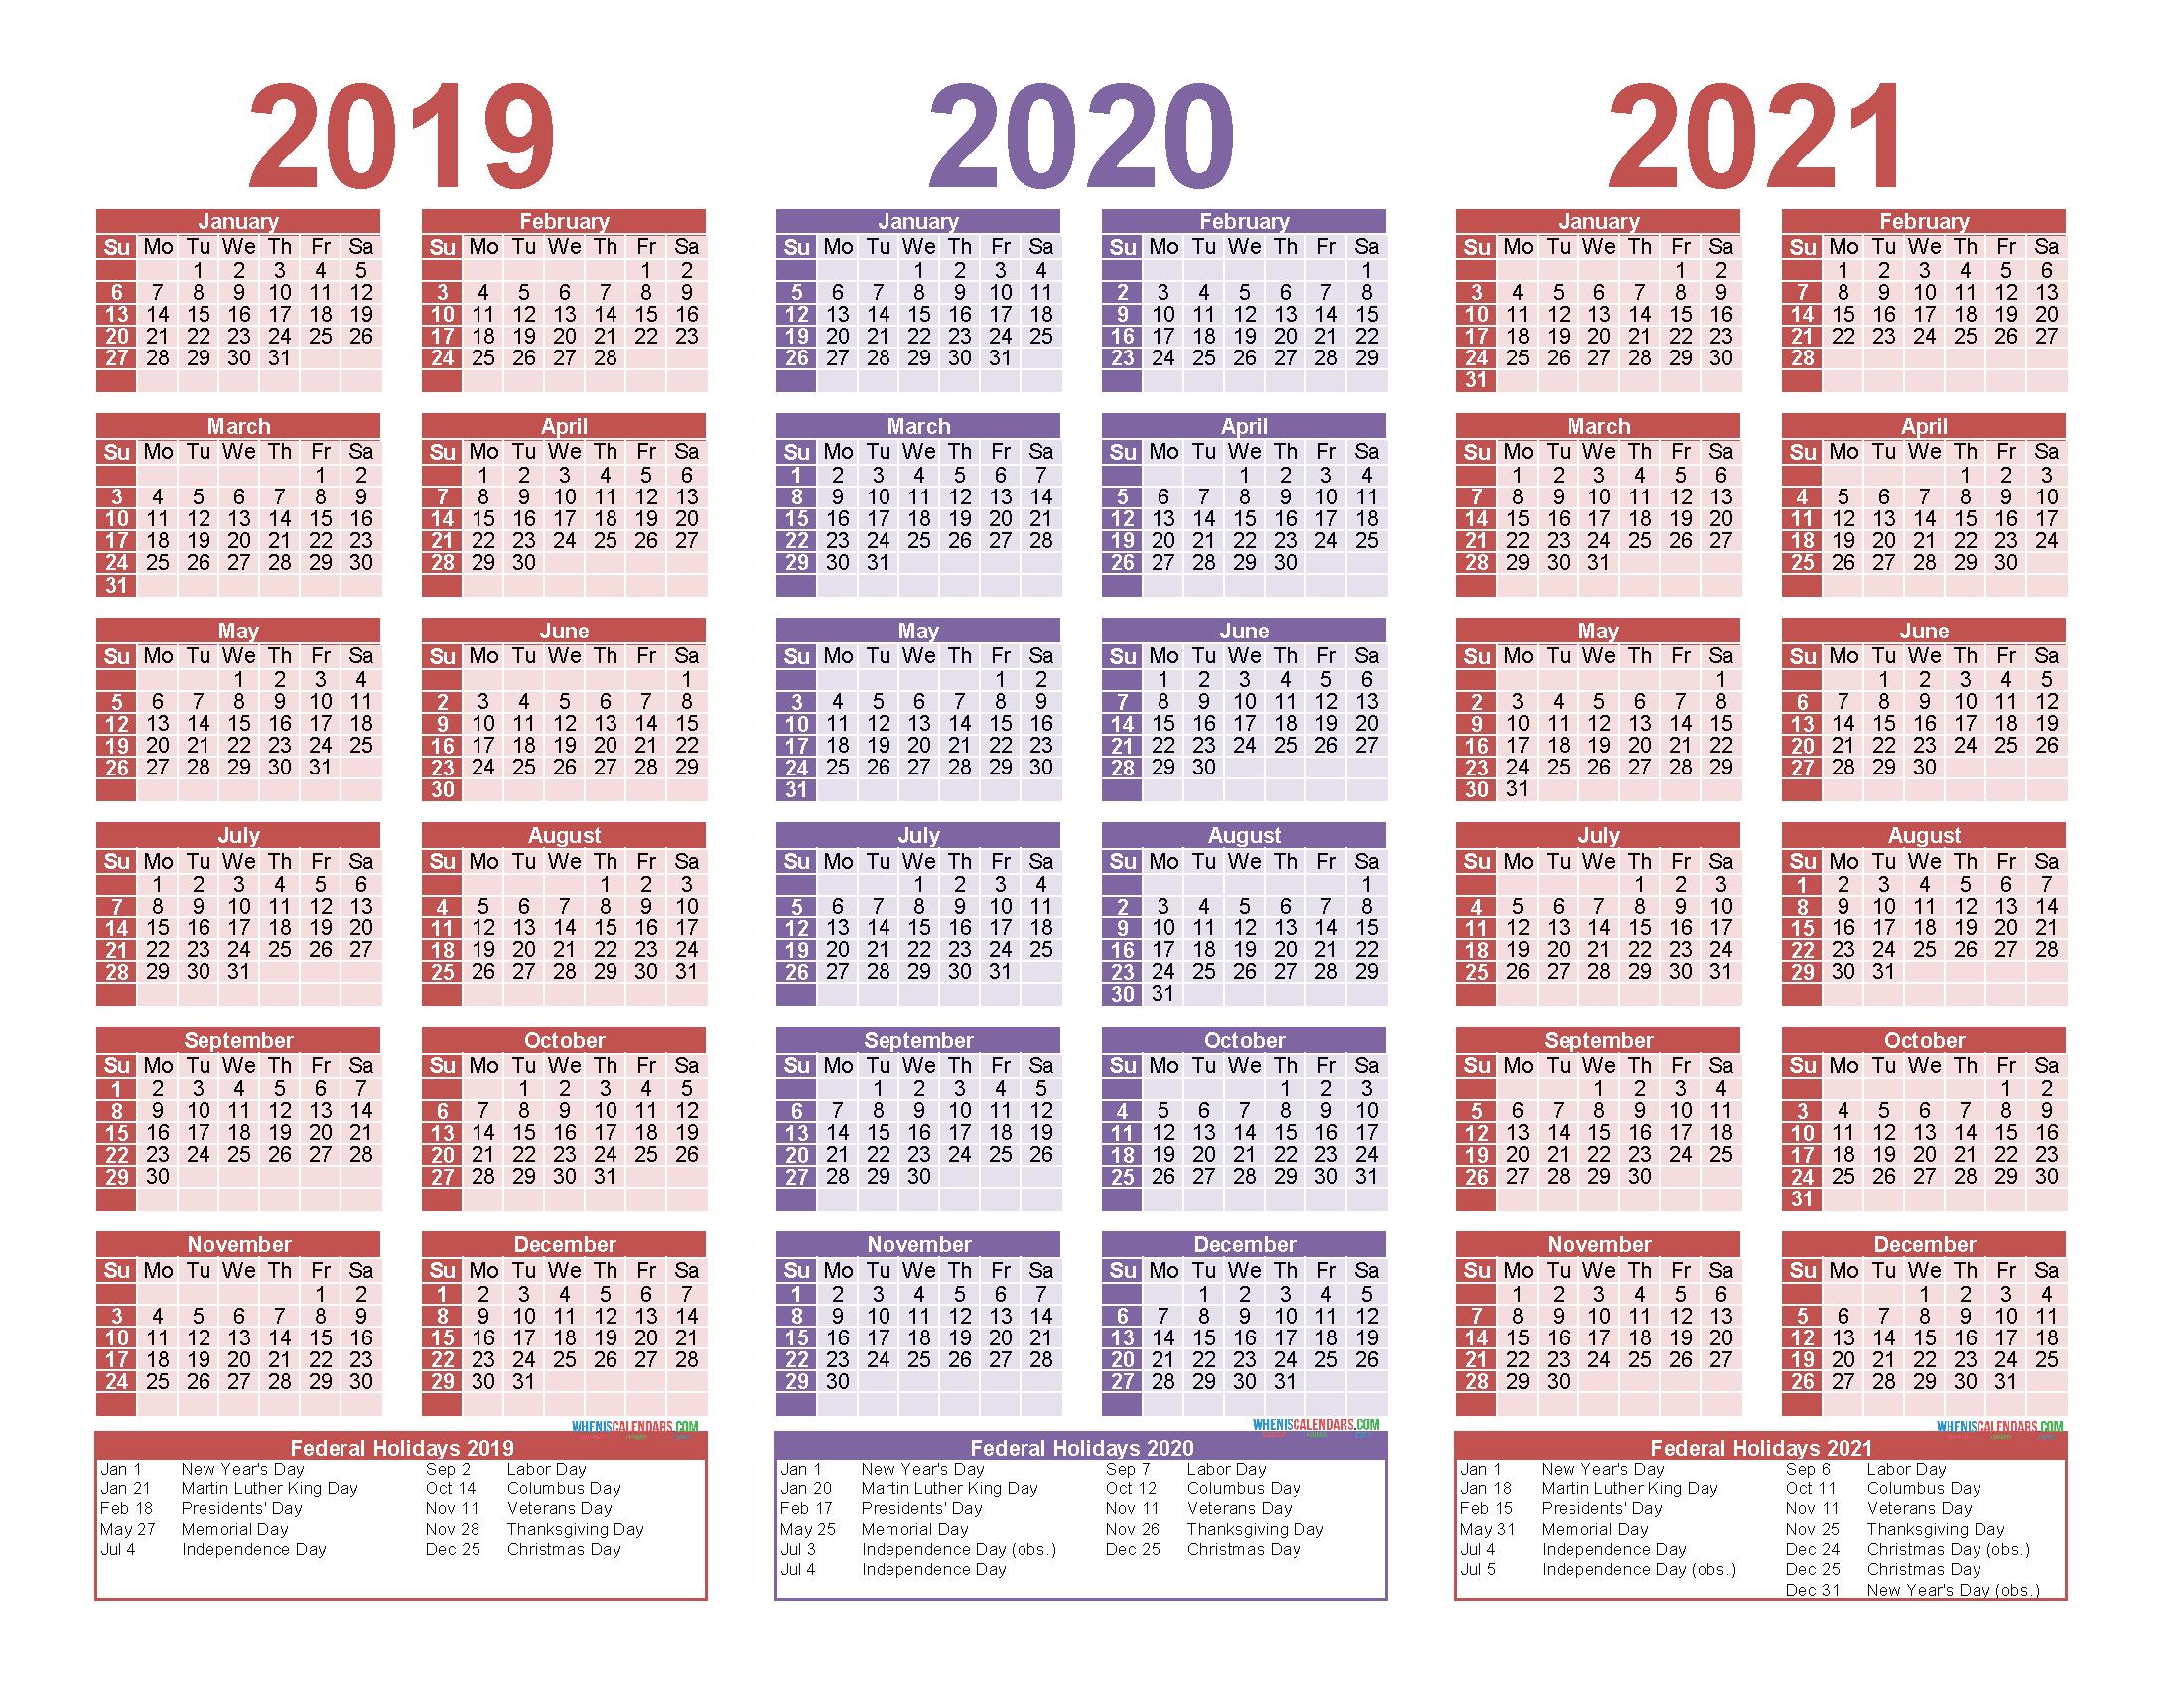 Printable Calendar 2019 And 2020.2019 And 2020 And 2021 Calendar Printable Pdf Word Free